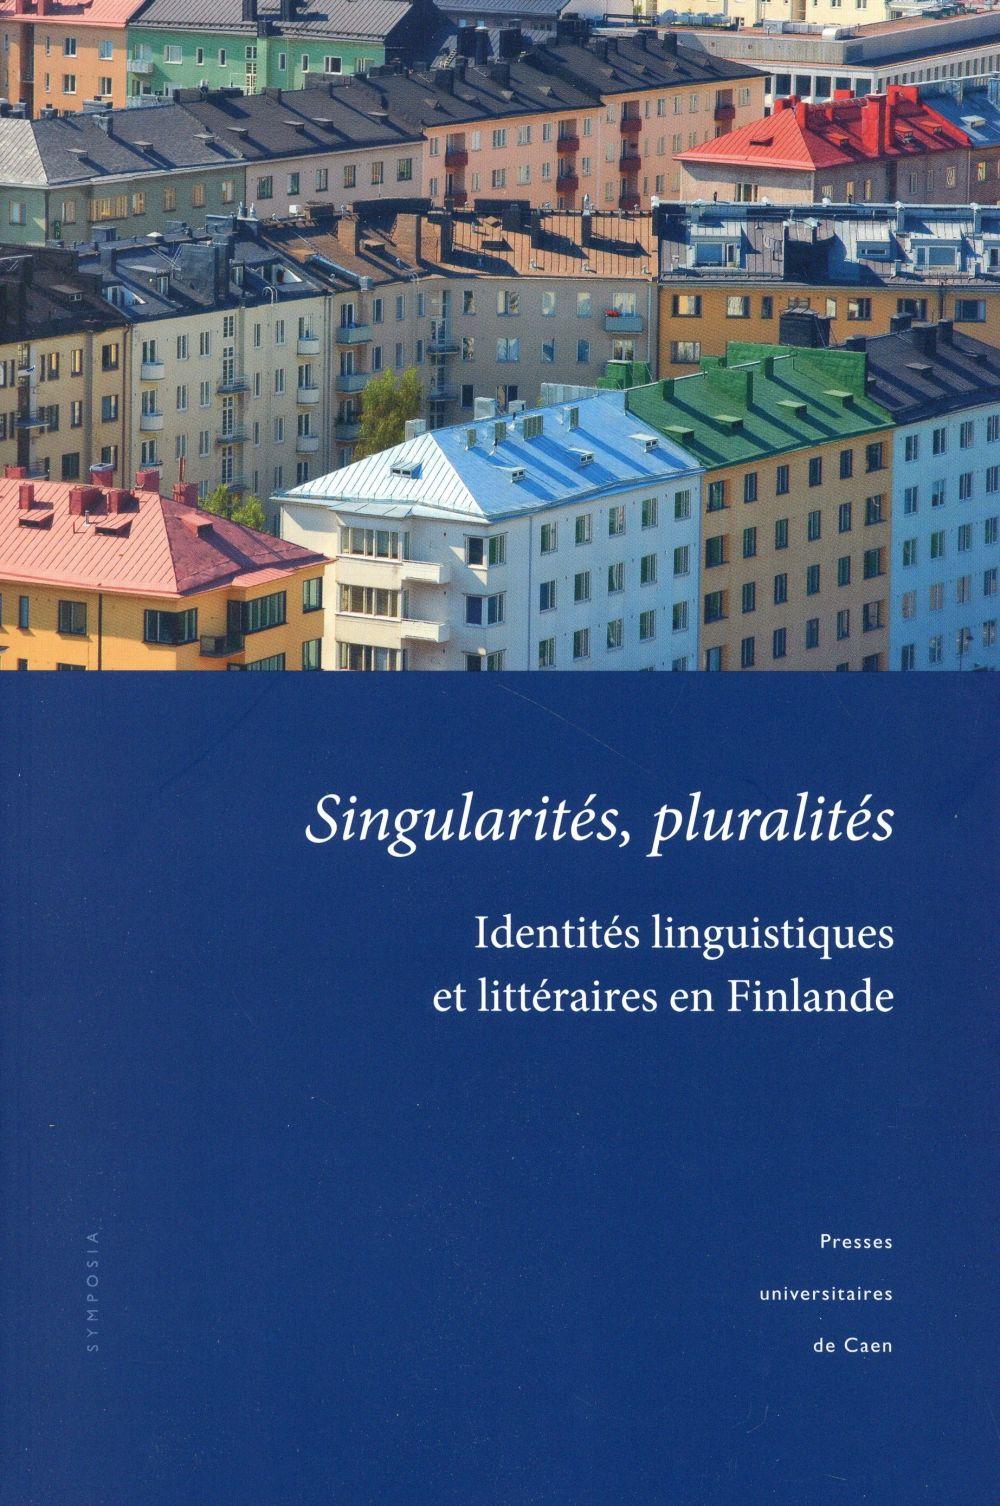 SINGULARITES, PLURALITES. IDENTITES LINGUISTIQUES ET LITTERAIRES EN F INLANDE